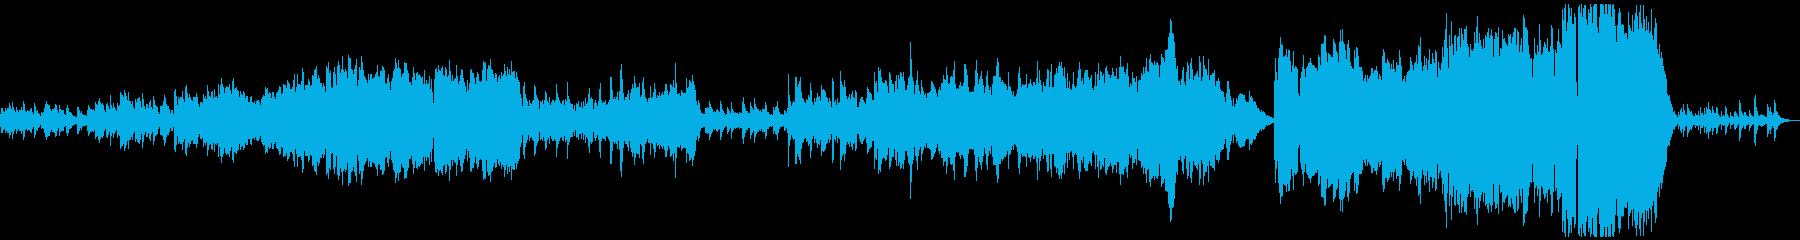 日常のホッとした雰囲気のピアノ曲の再生済みの波形